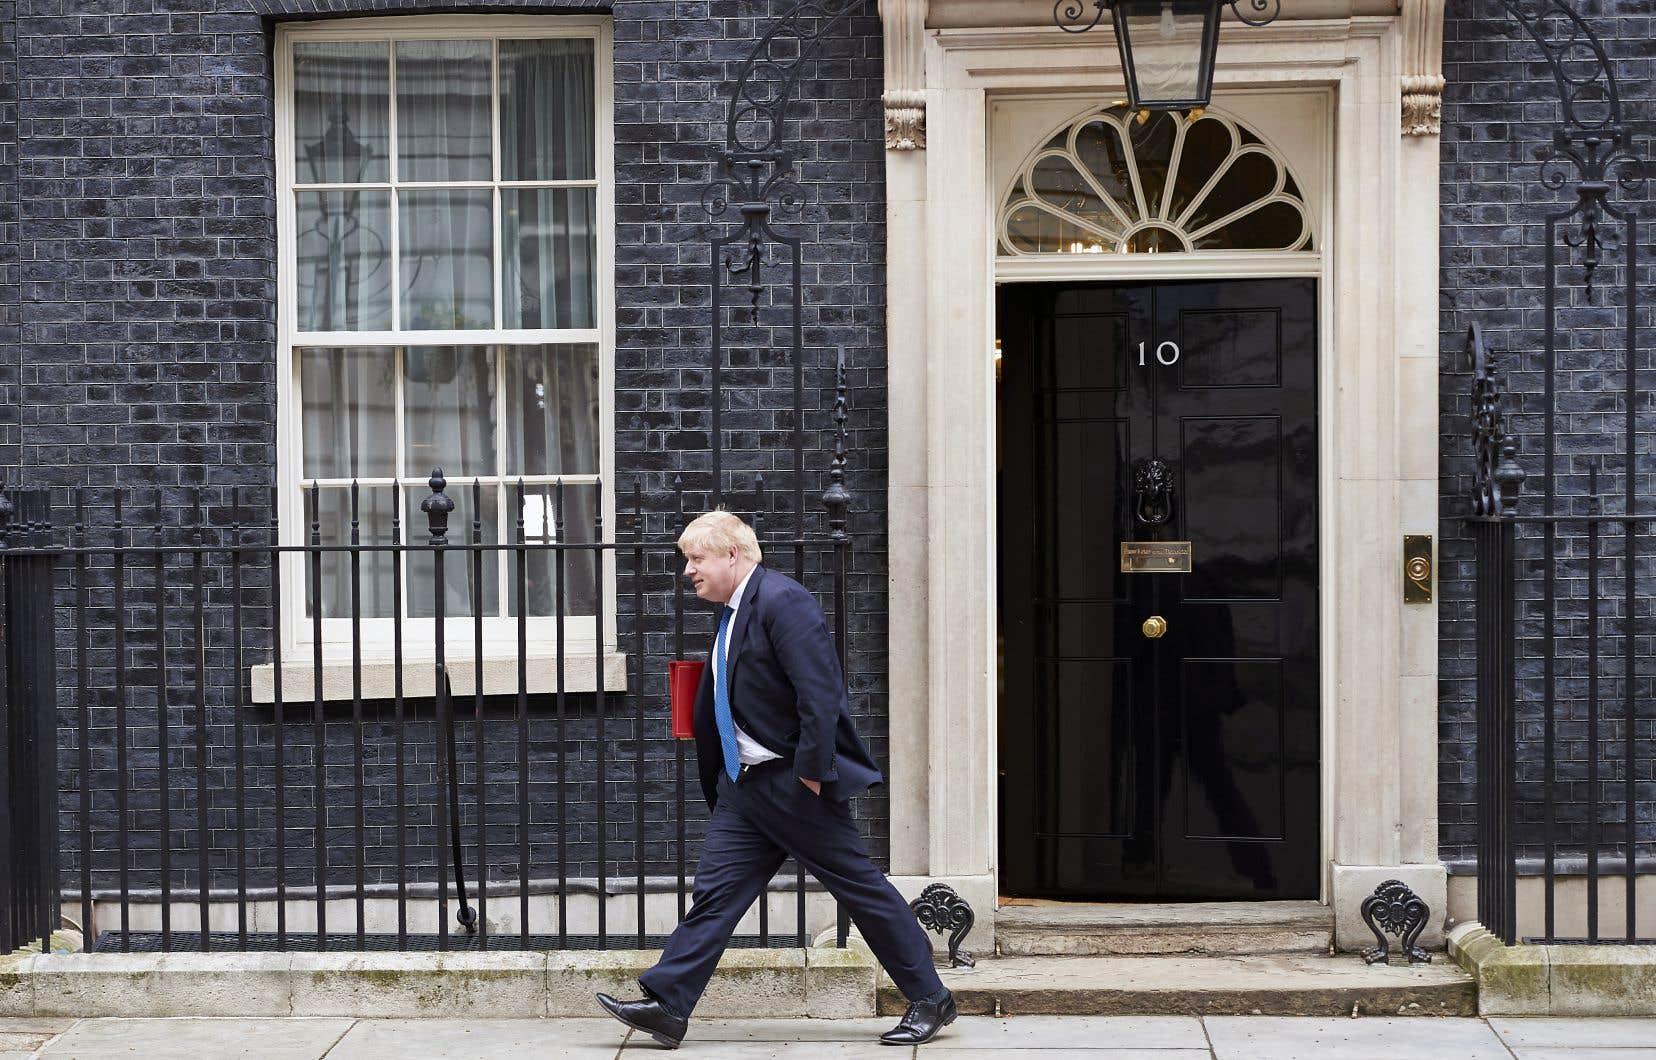 L'ex-ministre britannique des Affaires étrangères Boris Johnson quitte le 10 Downing Street.